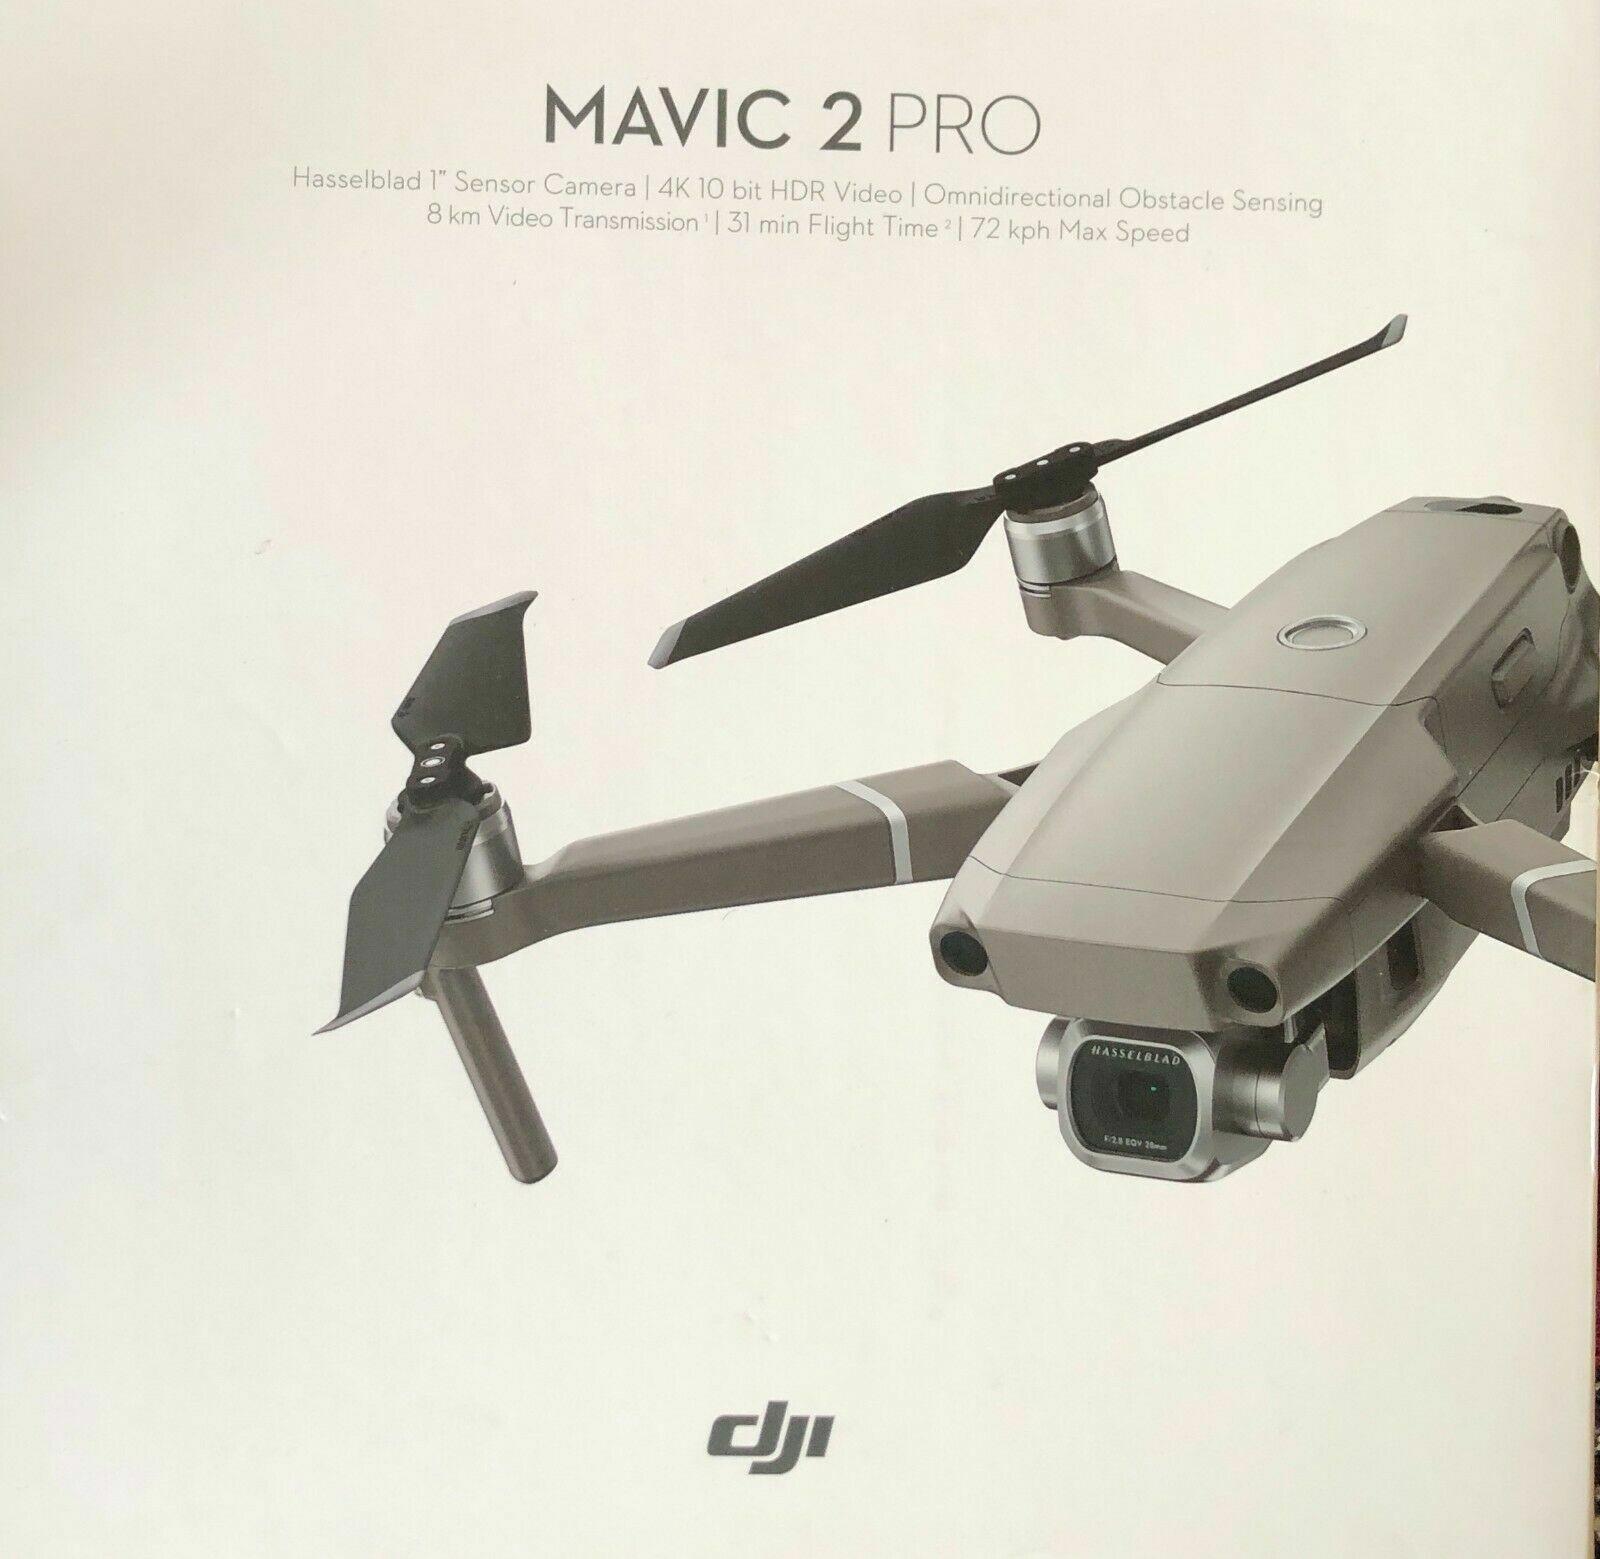 DJI Mavic 2 Pro Drohne 4K HDR